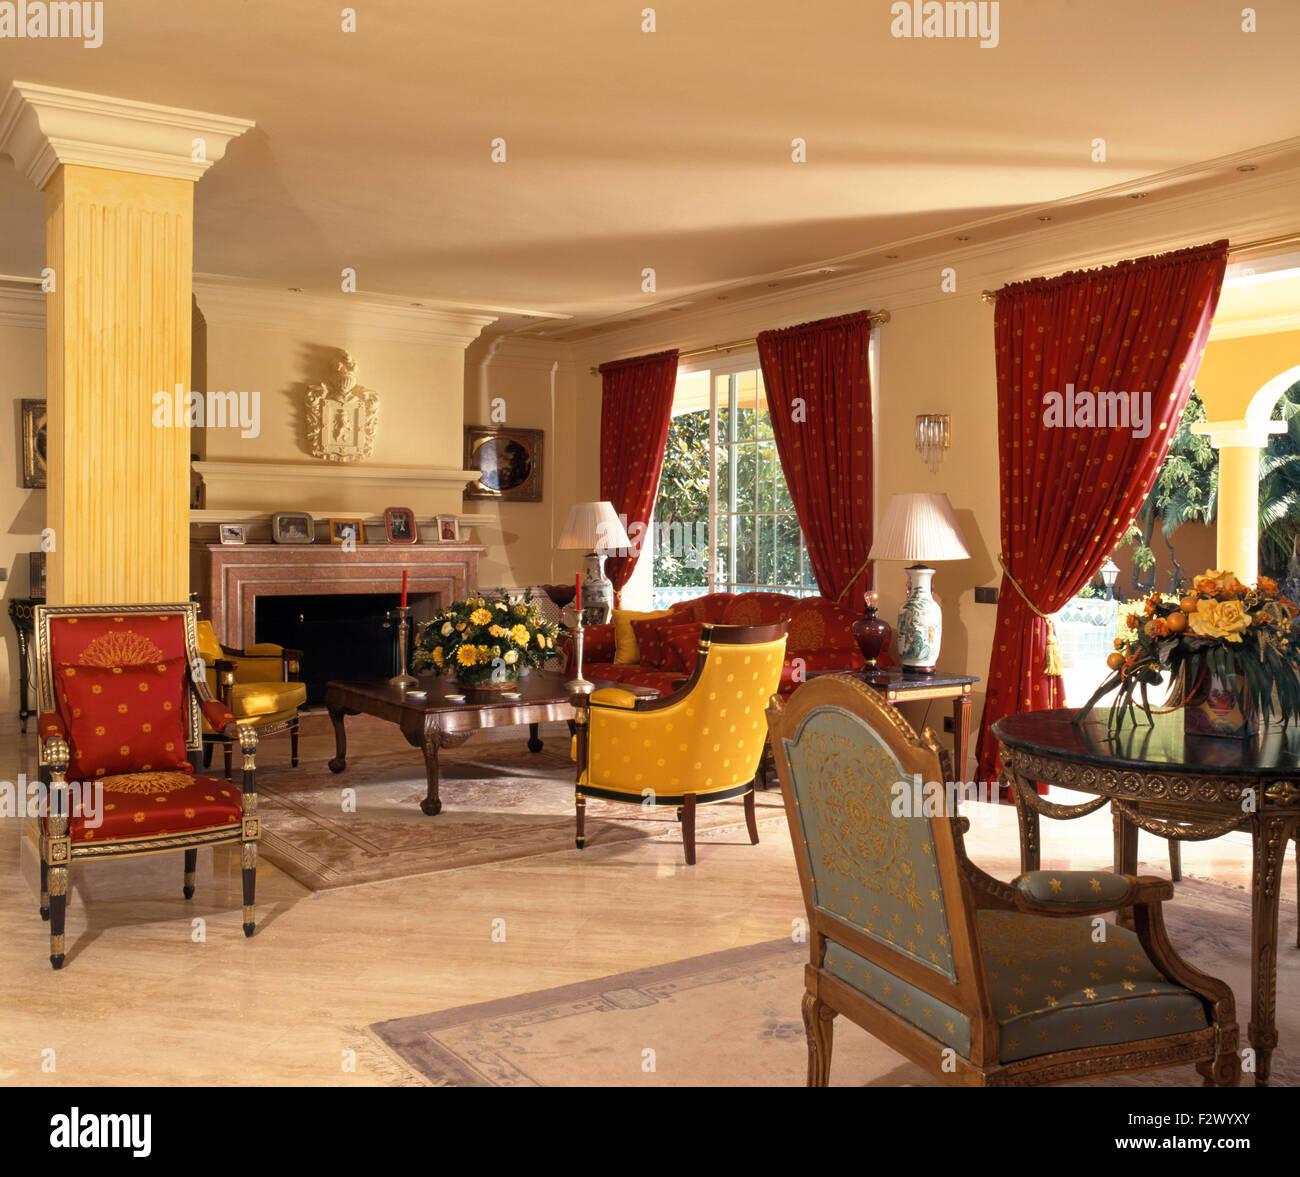 Im spanischen Wohnzimmer Sofa, rote Vorhänge und bunte Stühle ...